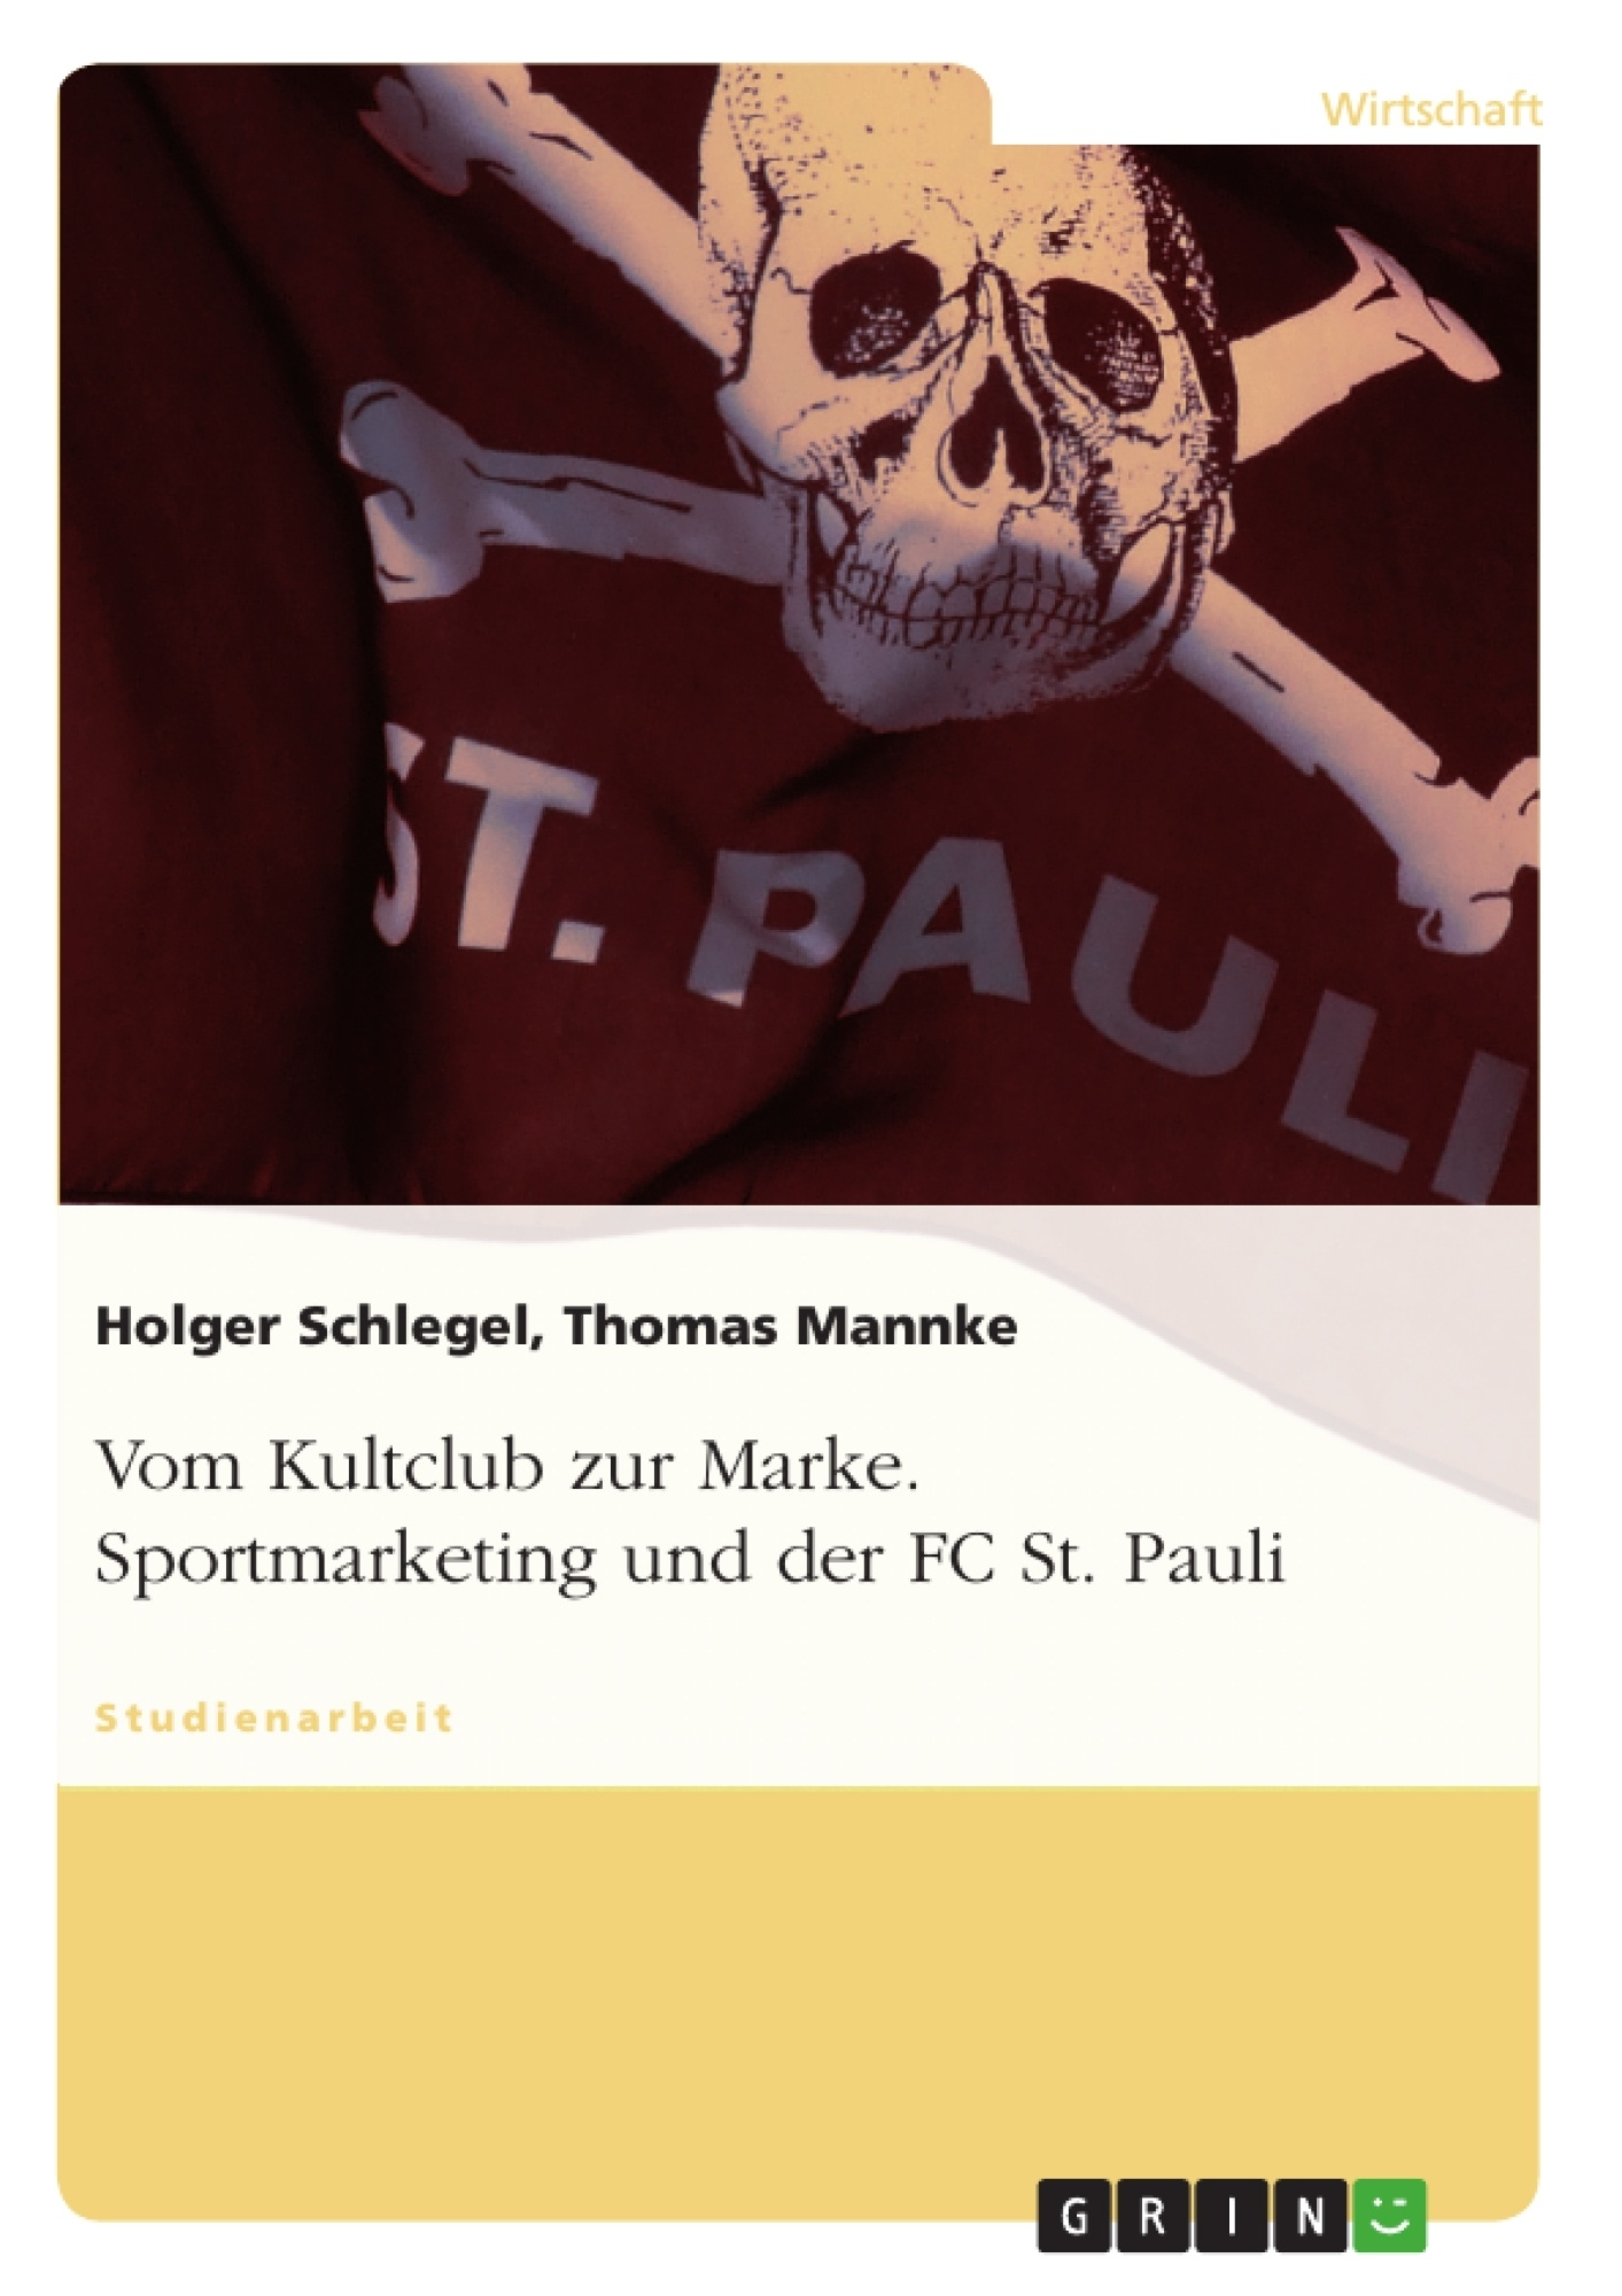 Titel: Vom Kultclub zur Marke. Sportmarketing und der FC St. Pauli